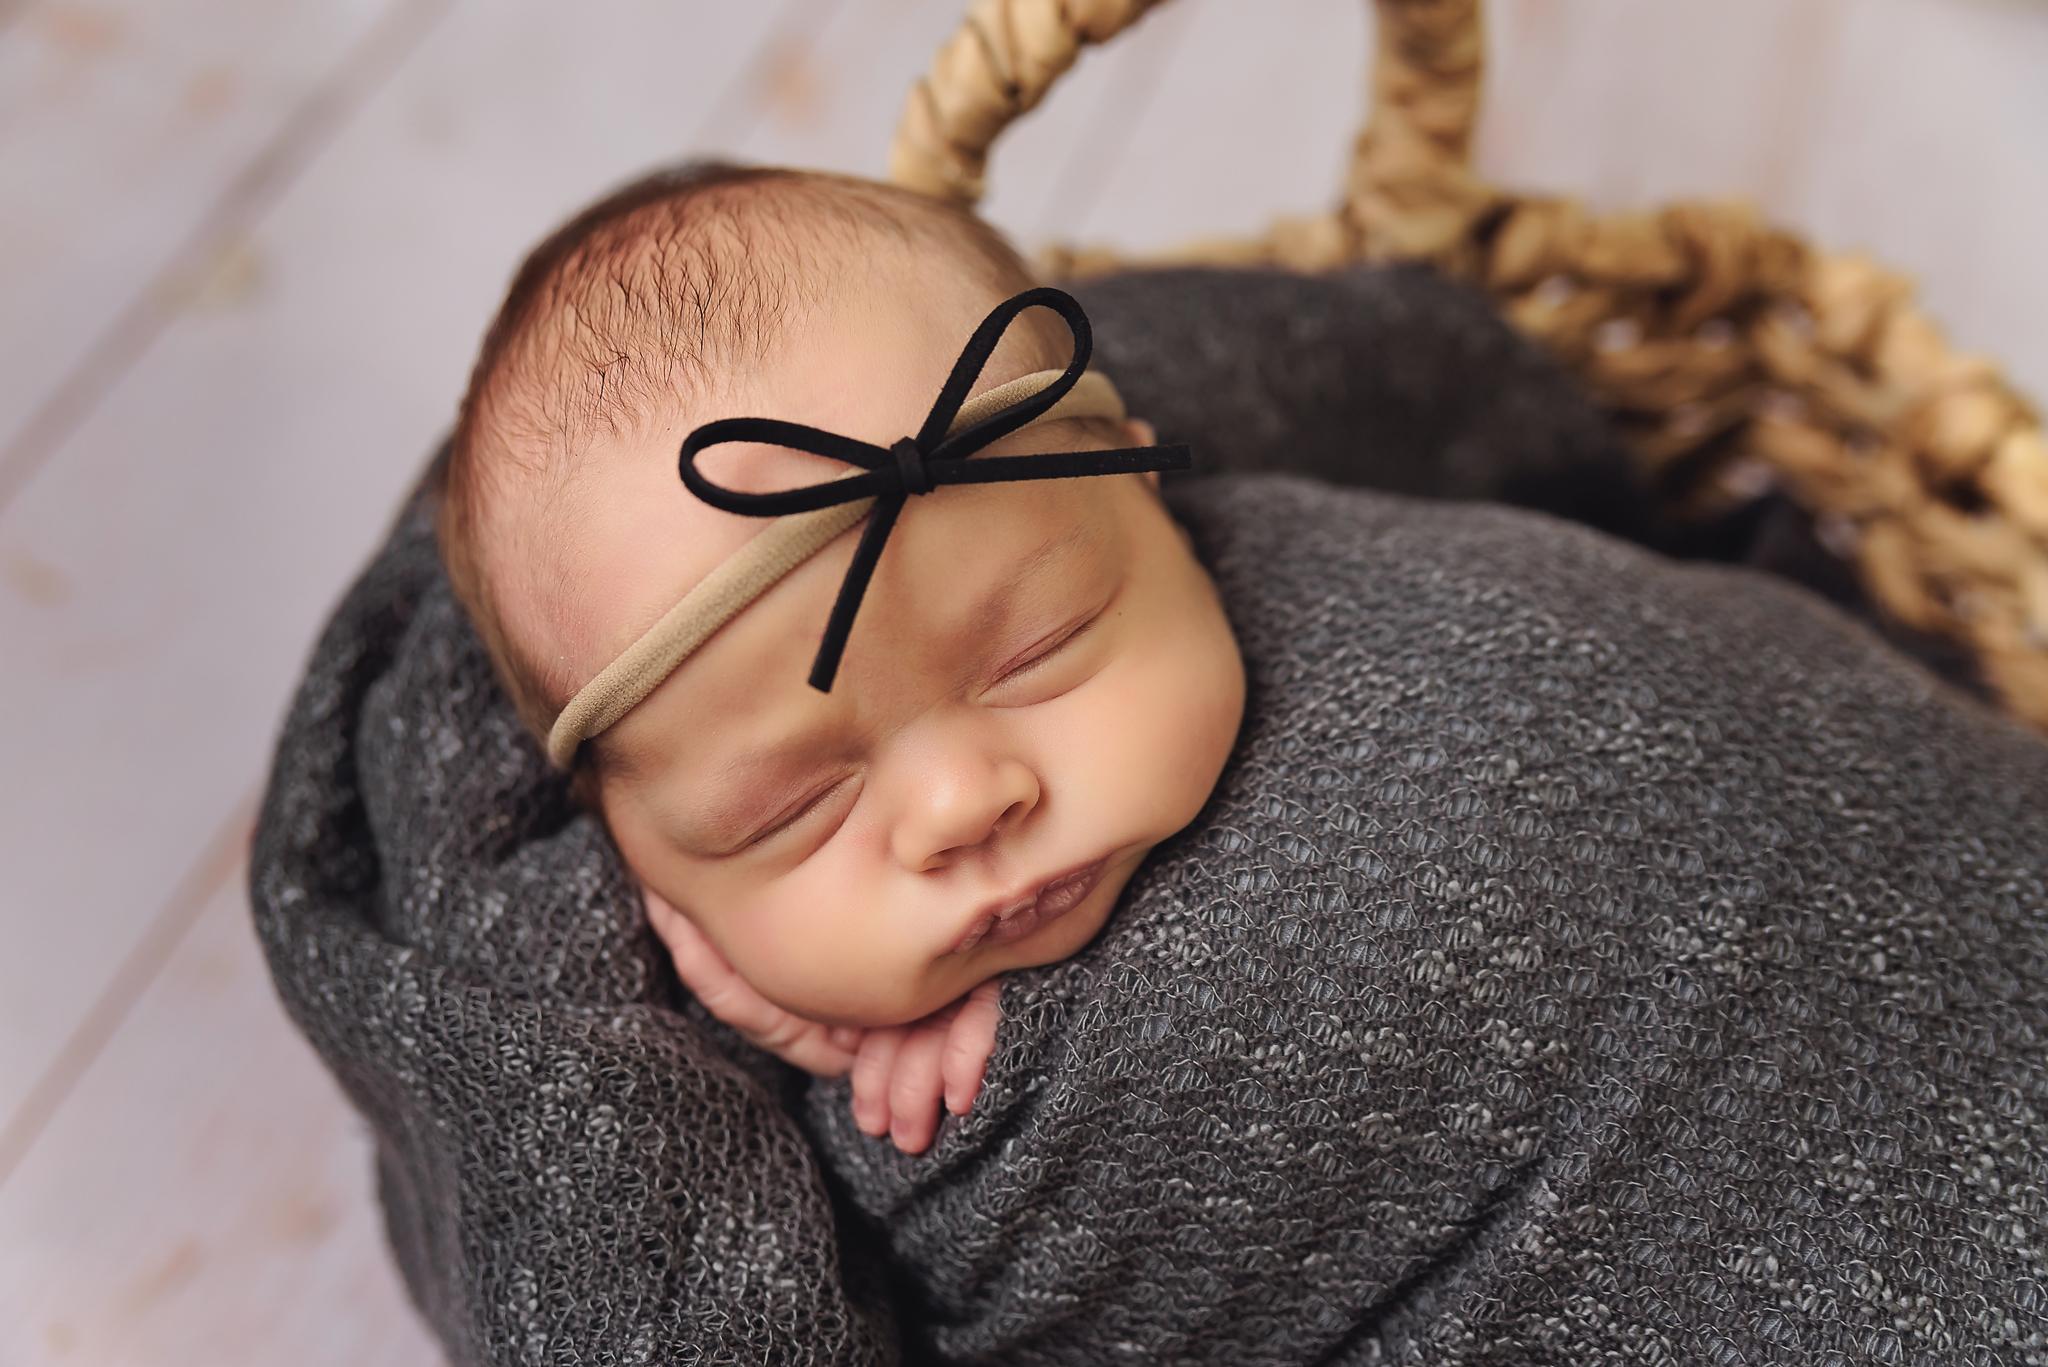 Newborn baby girl 2017